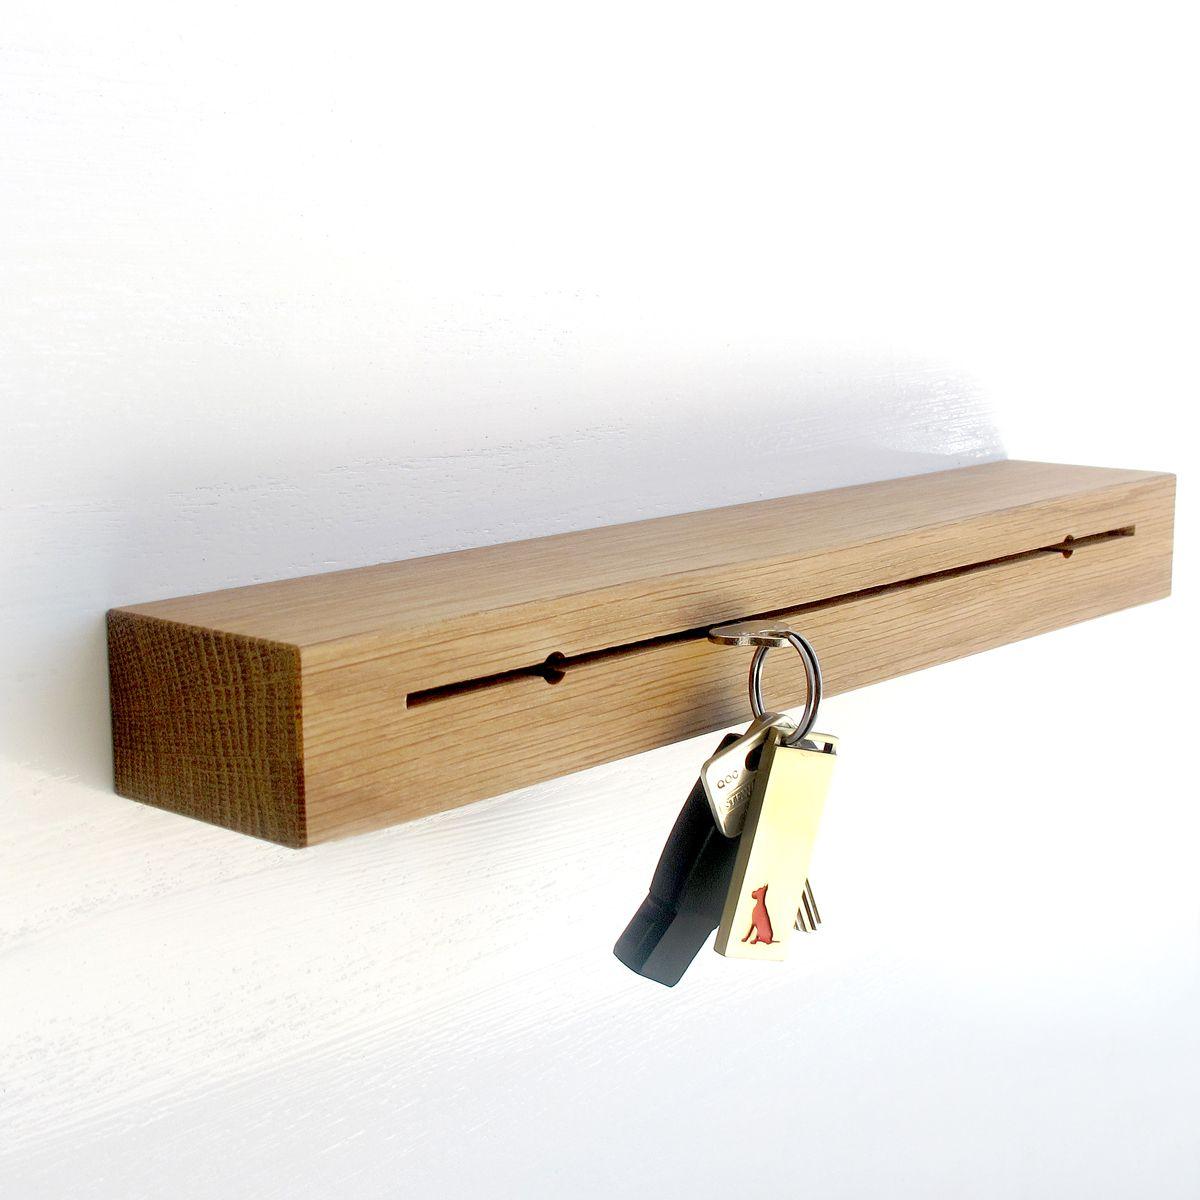 www.greatdanefurniture.com Slit Key Holder - Clever, slim line, wall mounted